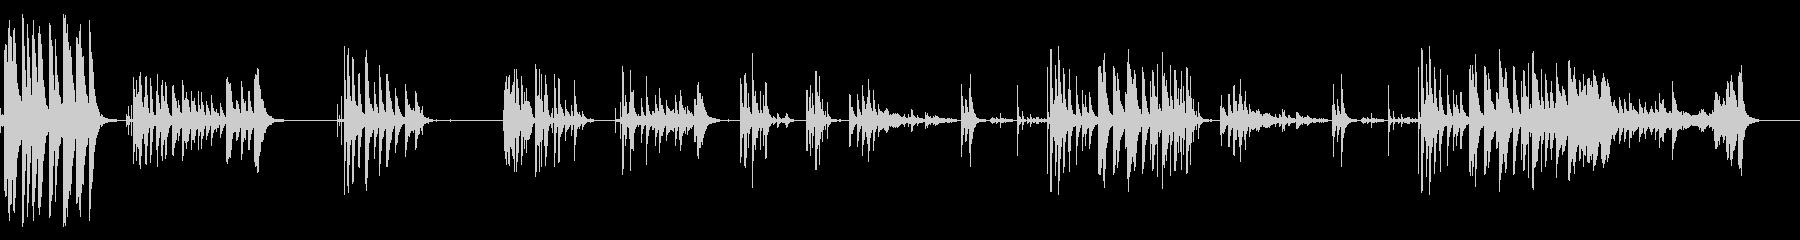 電磁衝突の未再生の波形